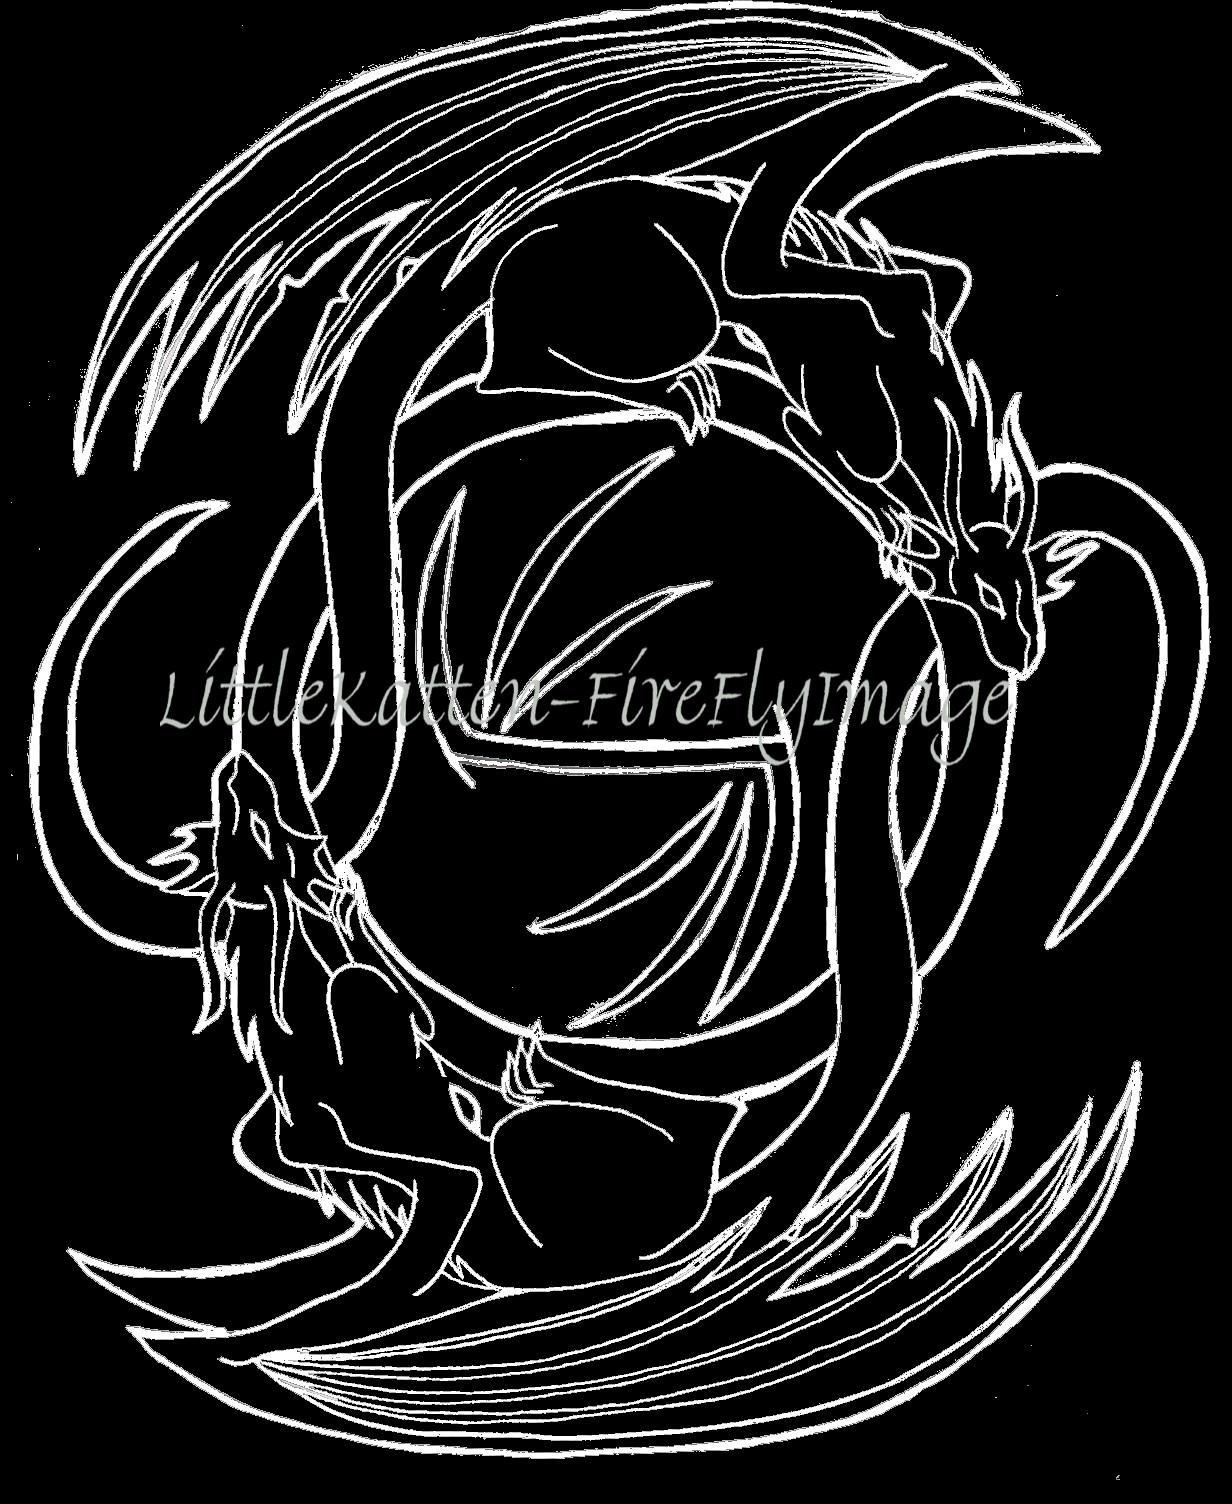 Soul Gardians flipped by LittleKatten-FireFly